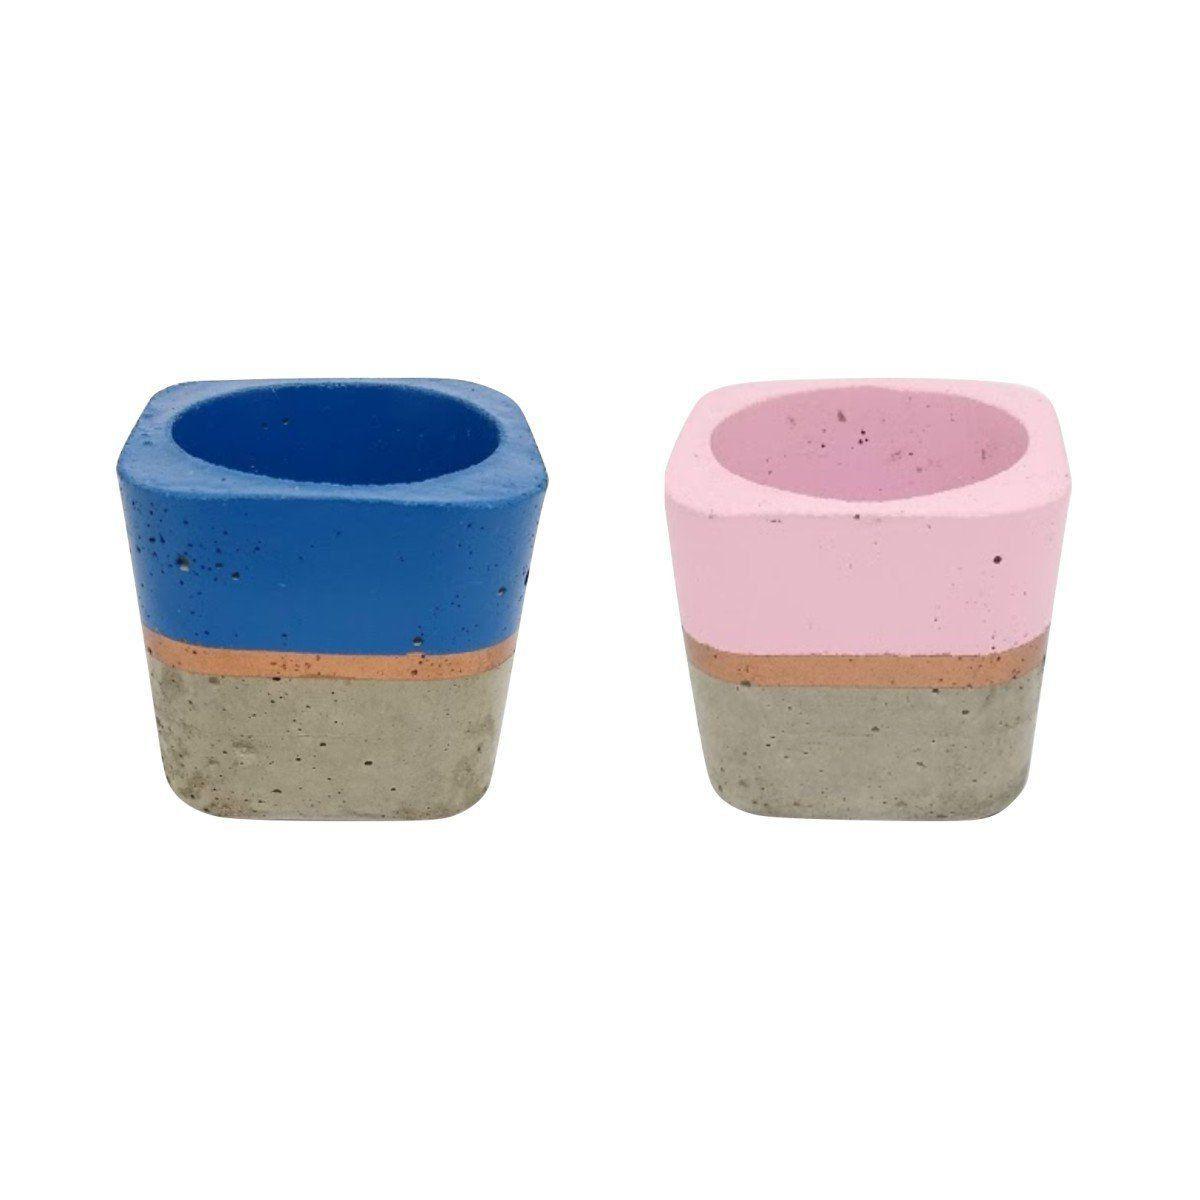 Kit 2 vasos de cimento 5,5cm x 6cm MD0404AZCRSC